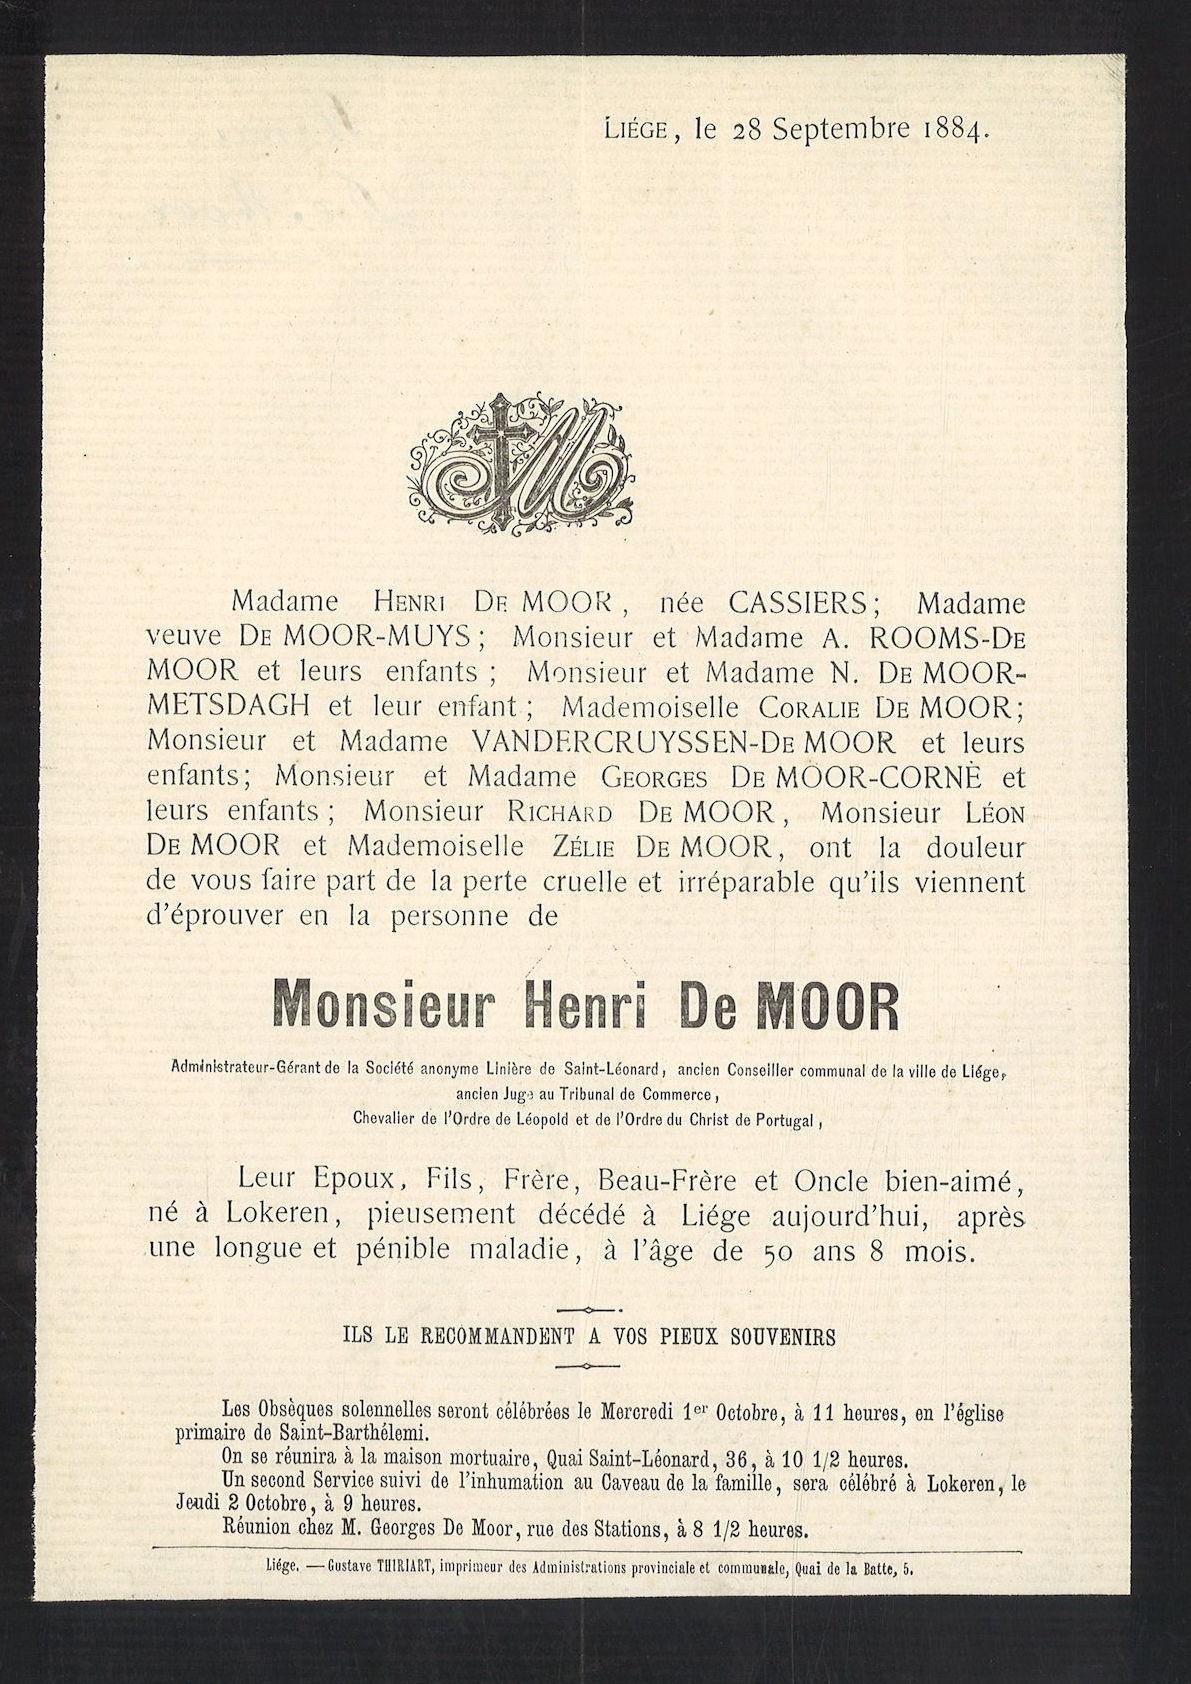 Henri De Moor